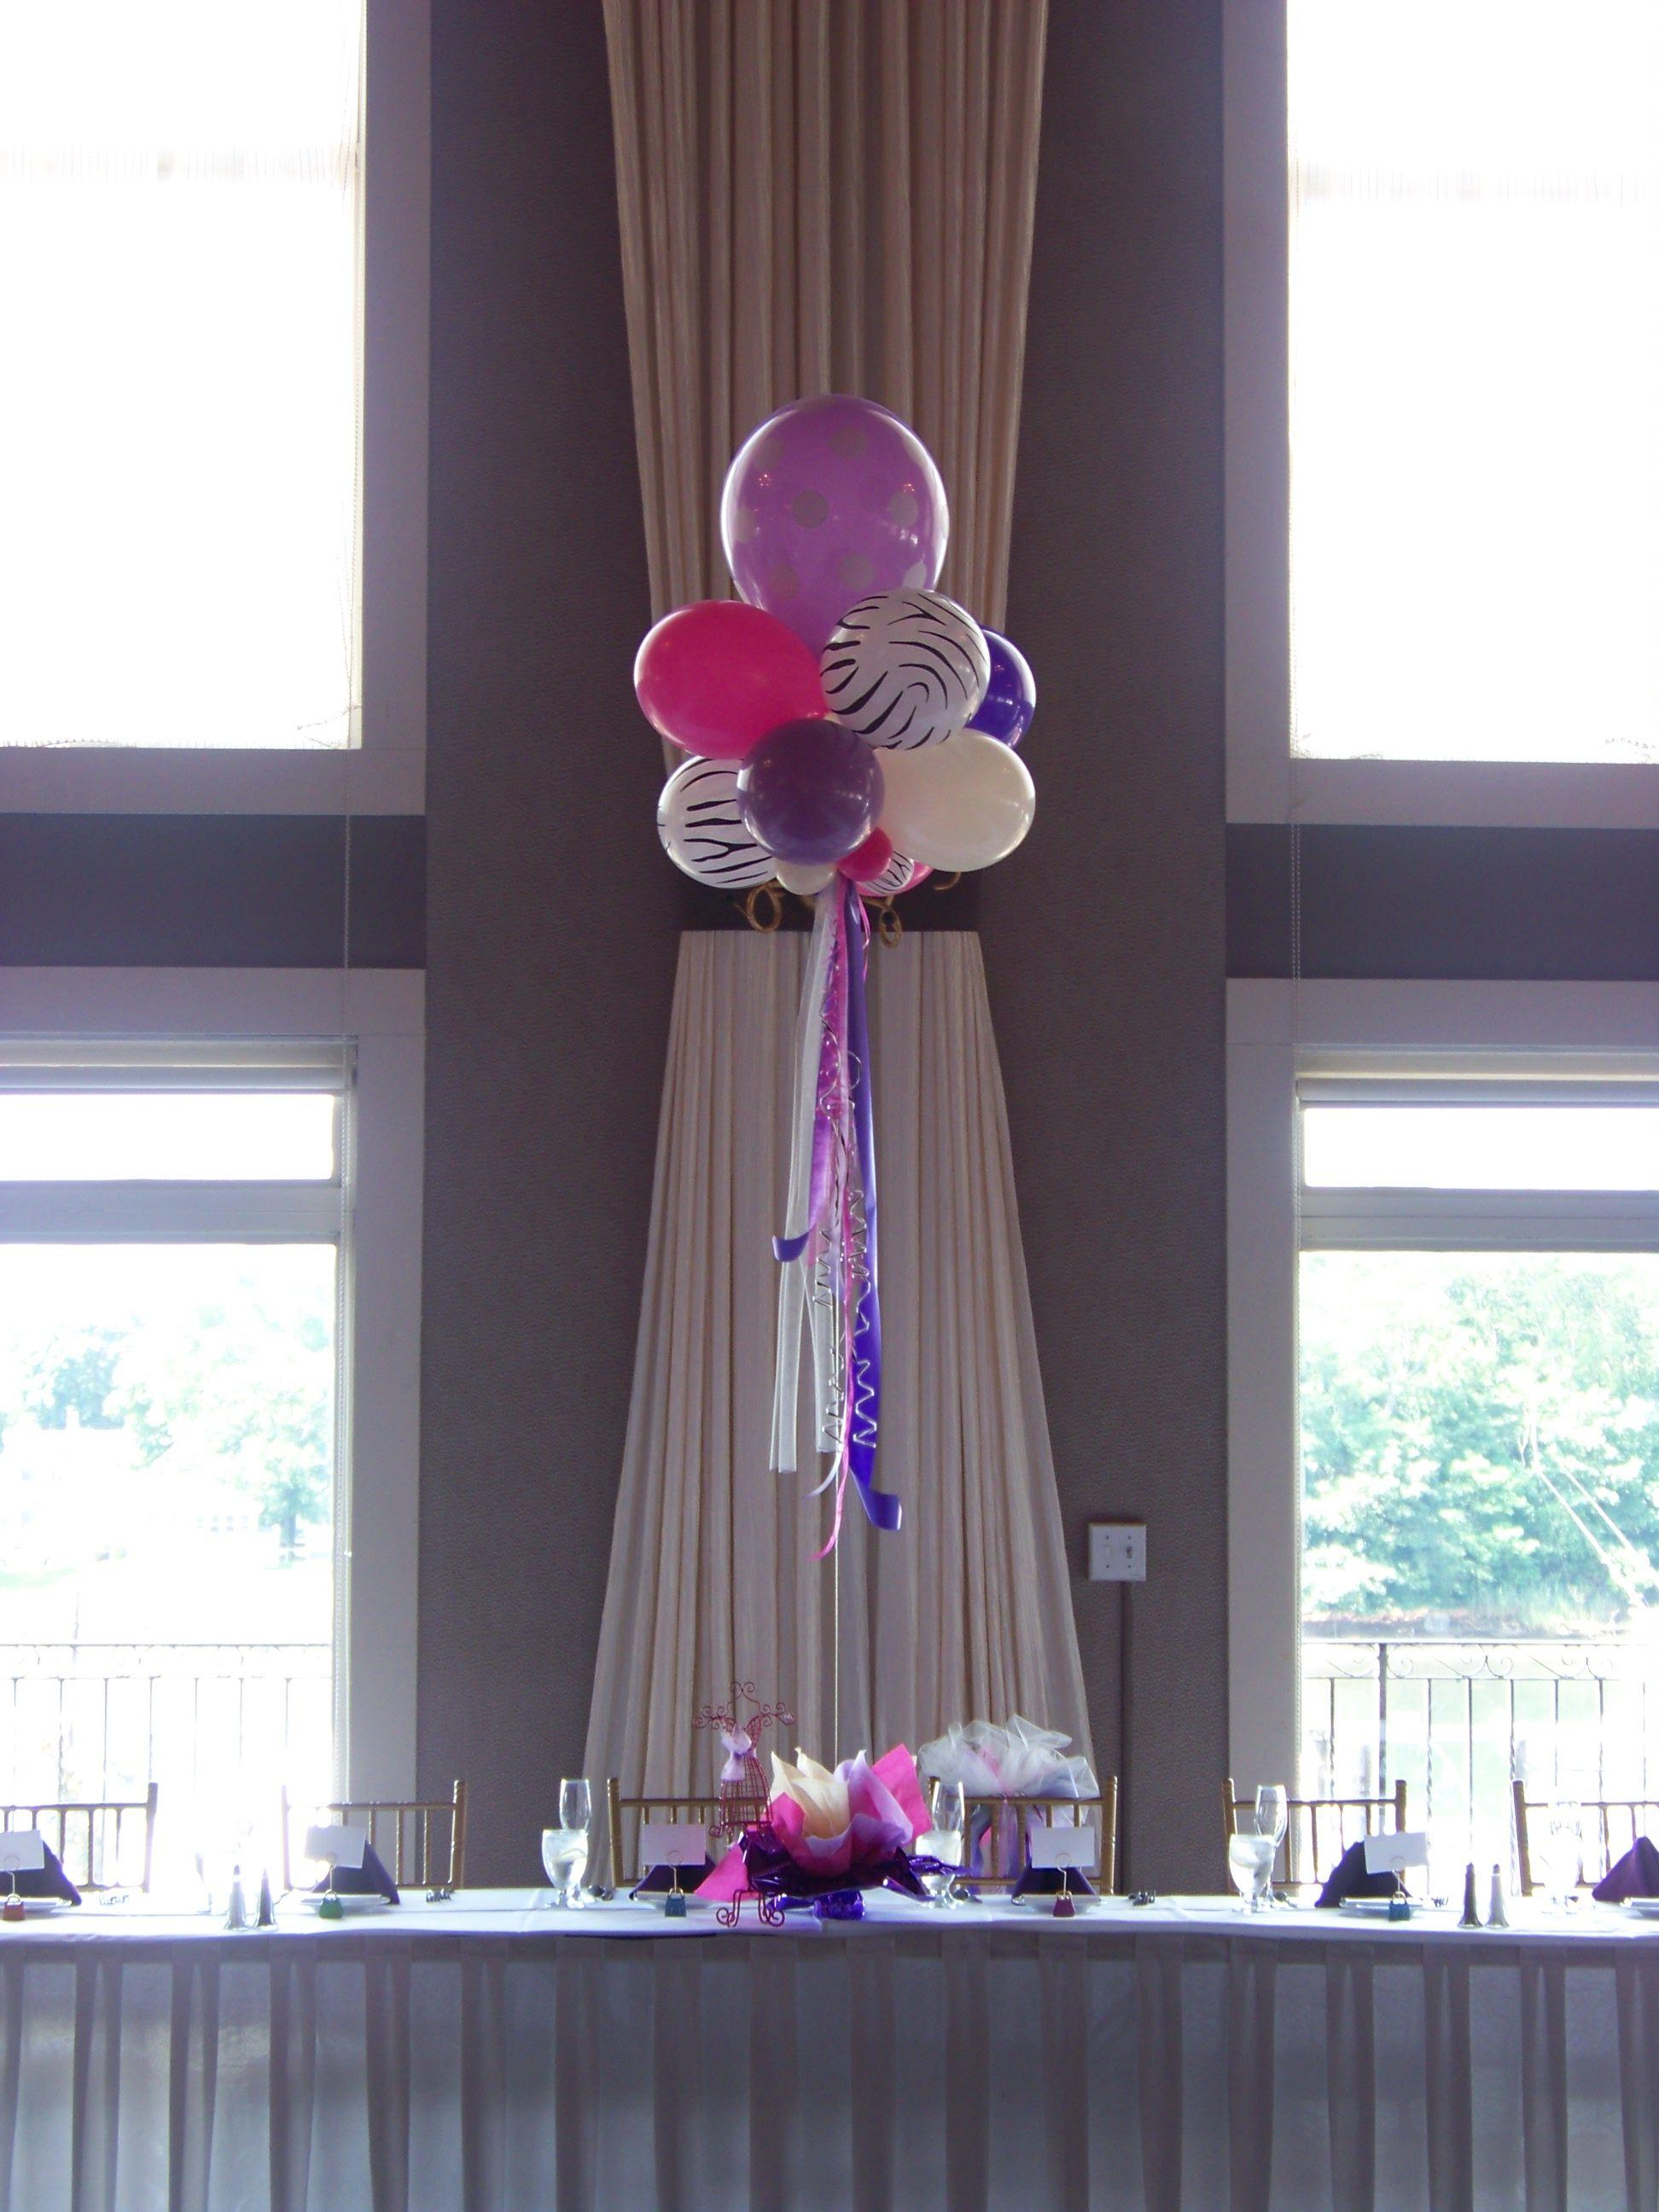 Zebra wedding decorations  Fashionista balloon centerpieces with polka dots u zebra print